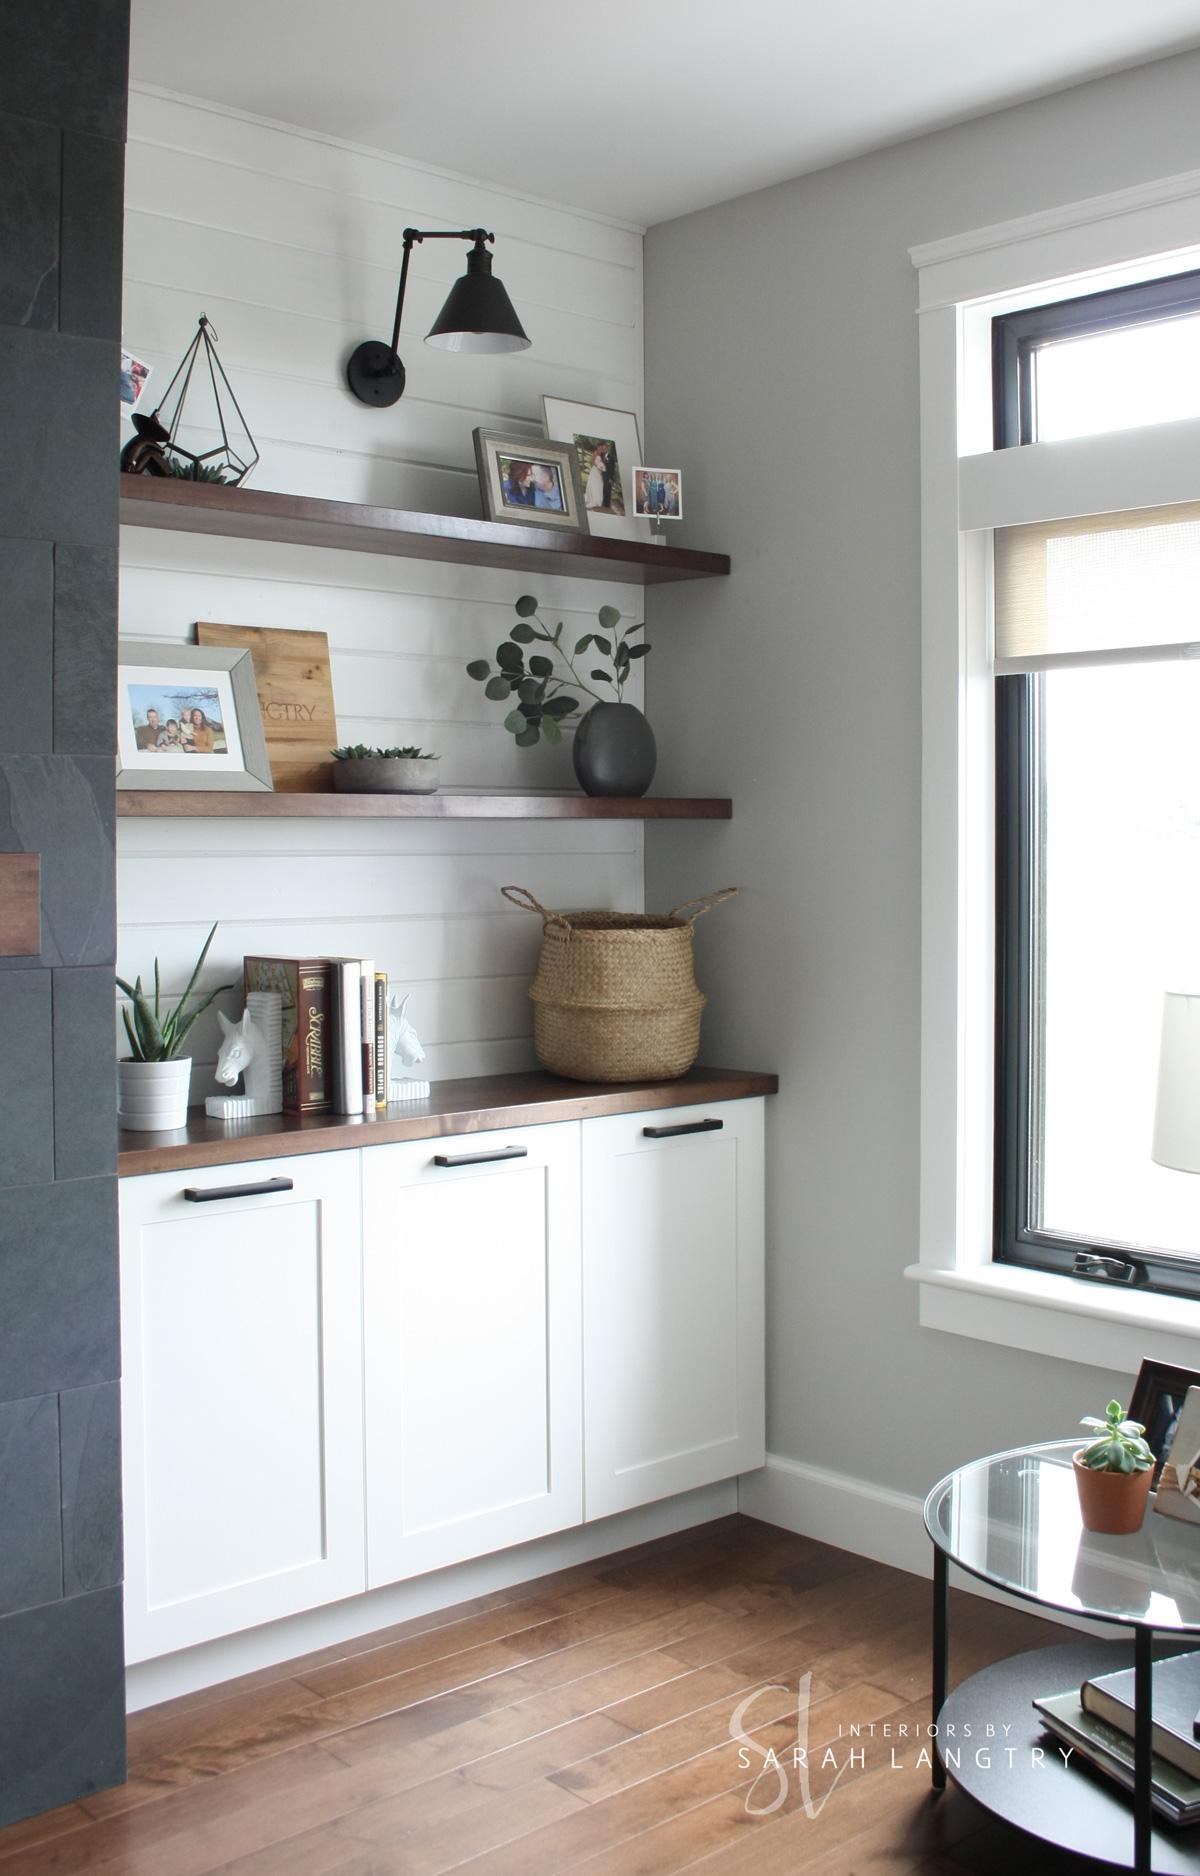 interior-design-goderich-ontario-bulitins-millwork-fireplace.jpg